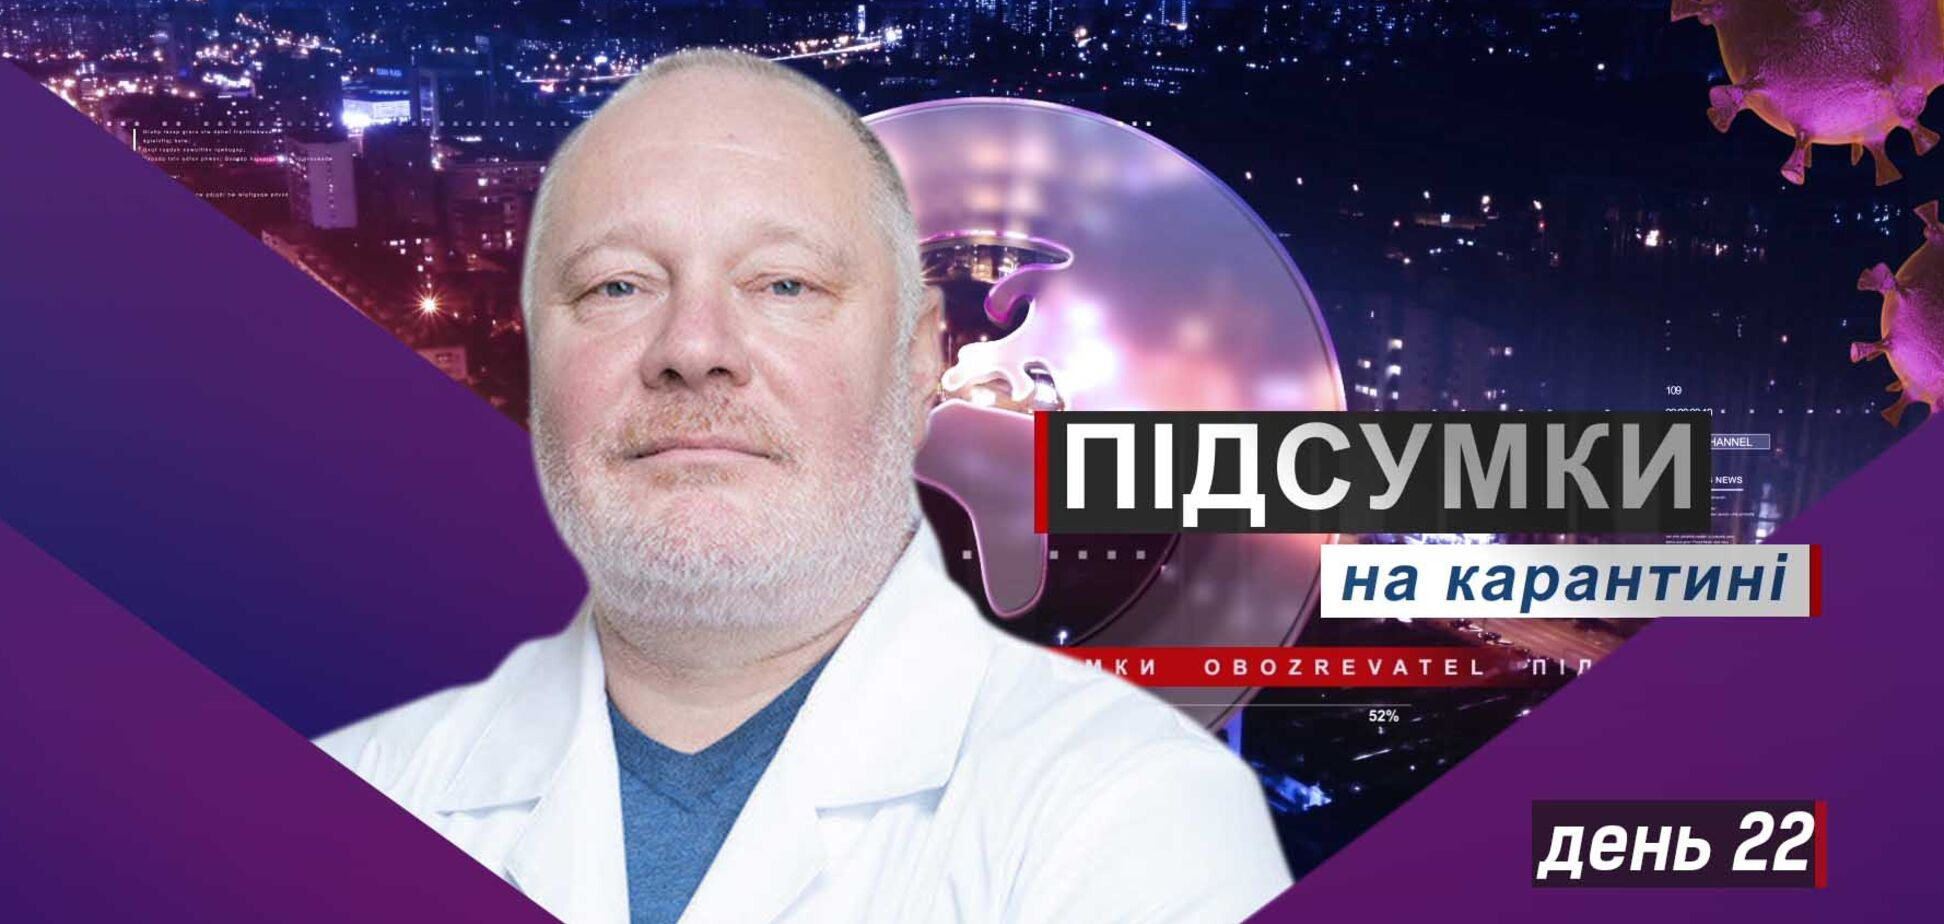 'Здесь дети умирают!' Хоспис Киева срочно обратился к украинцам